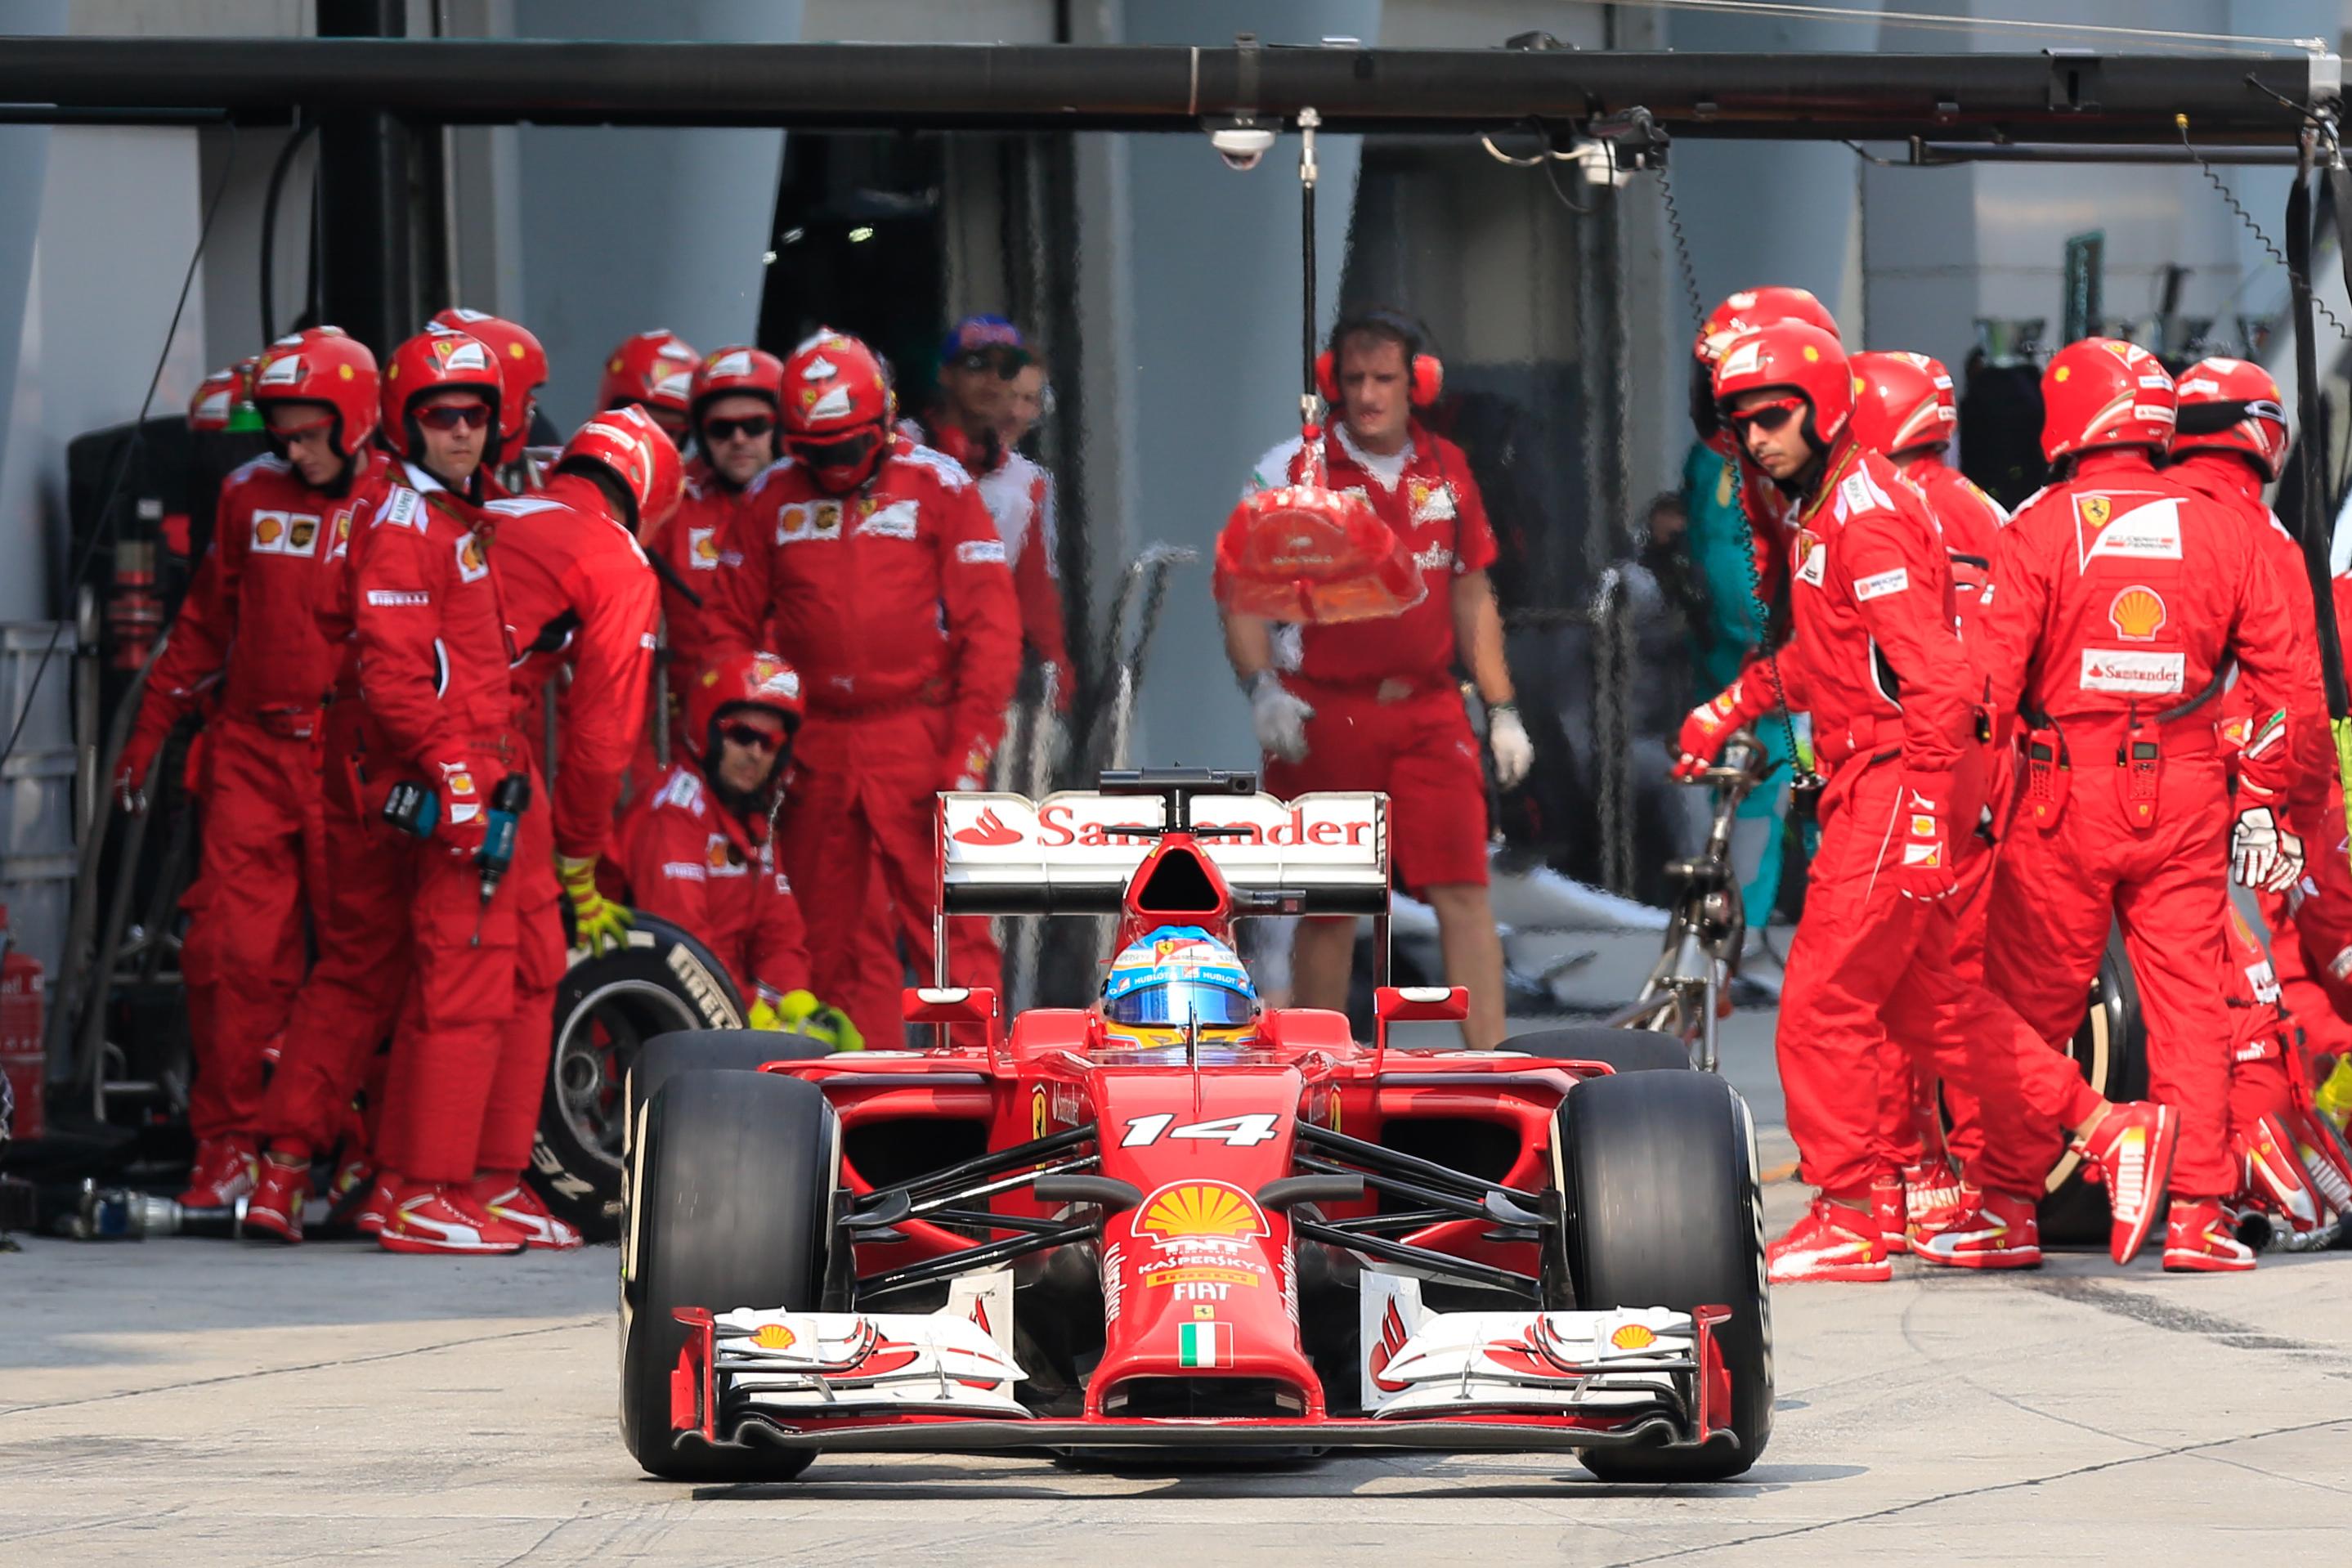 Sigue en directo la clasificación del Gran Premio de Bahréin